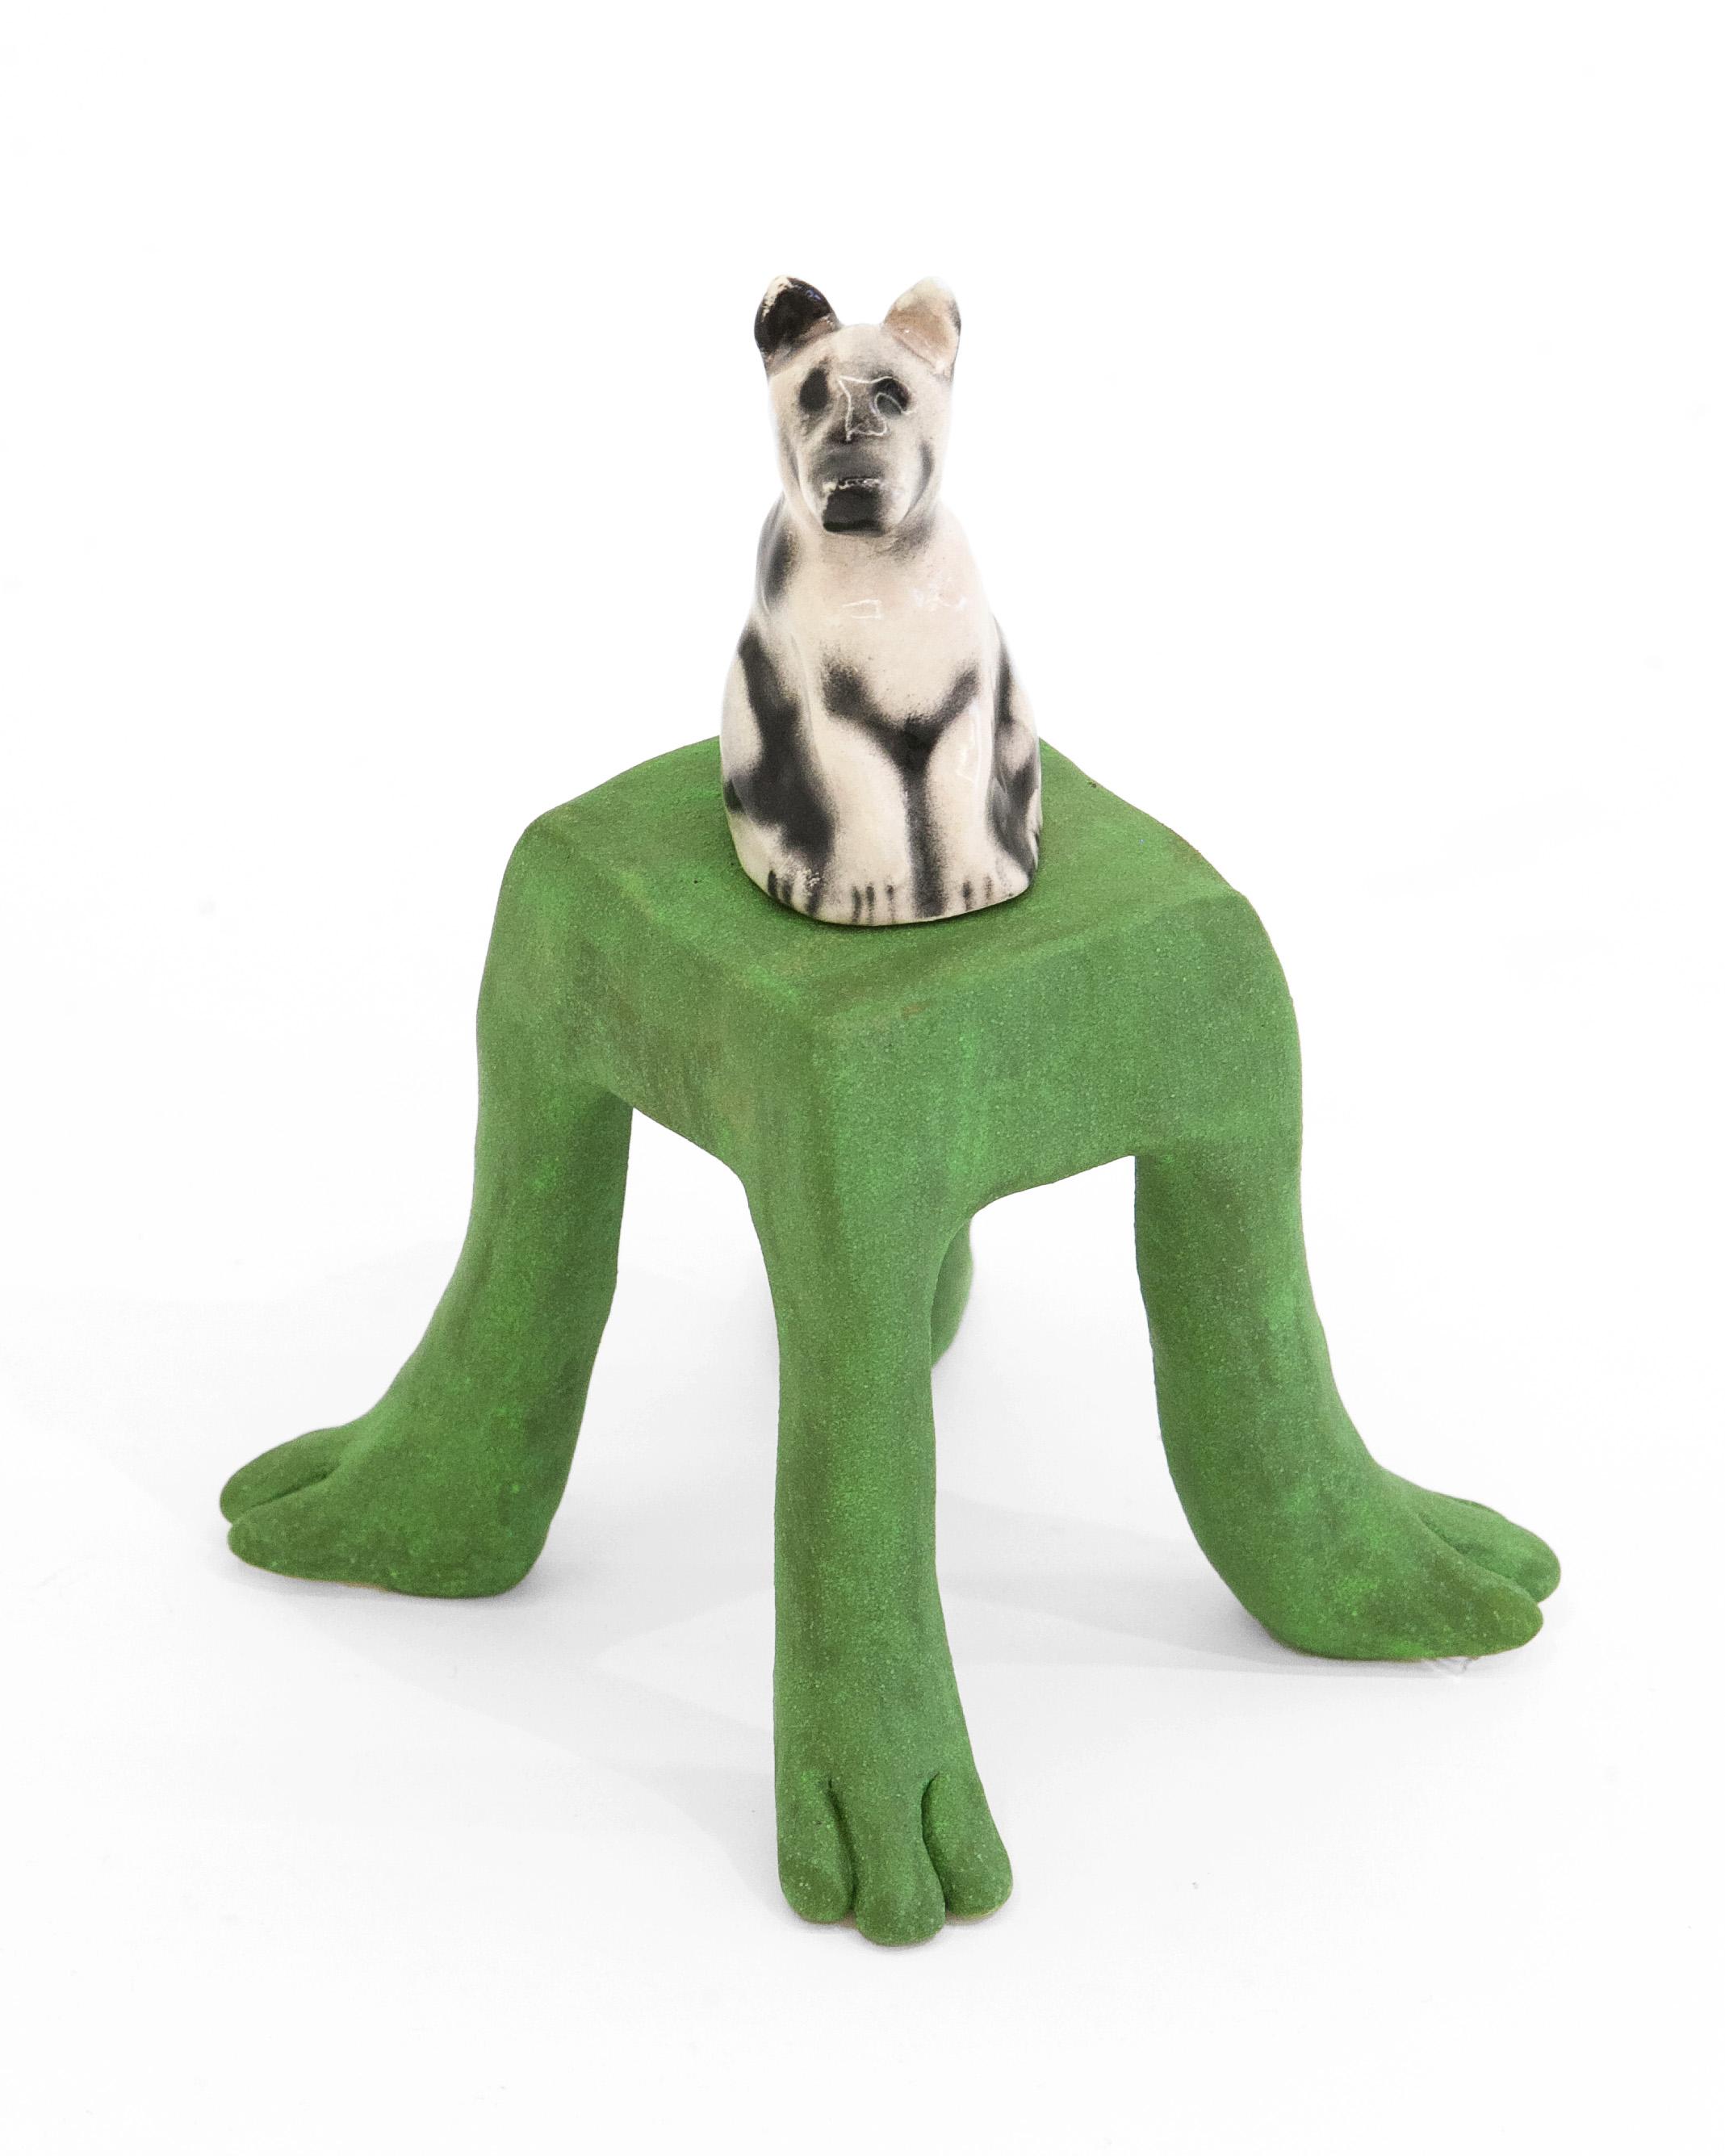 paigevalentien_dog_greenpedestal.jpg